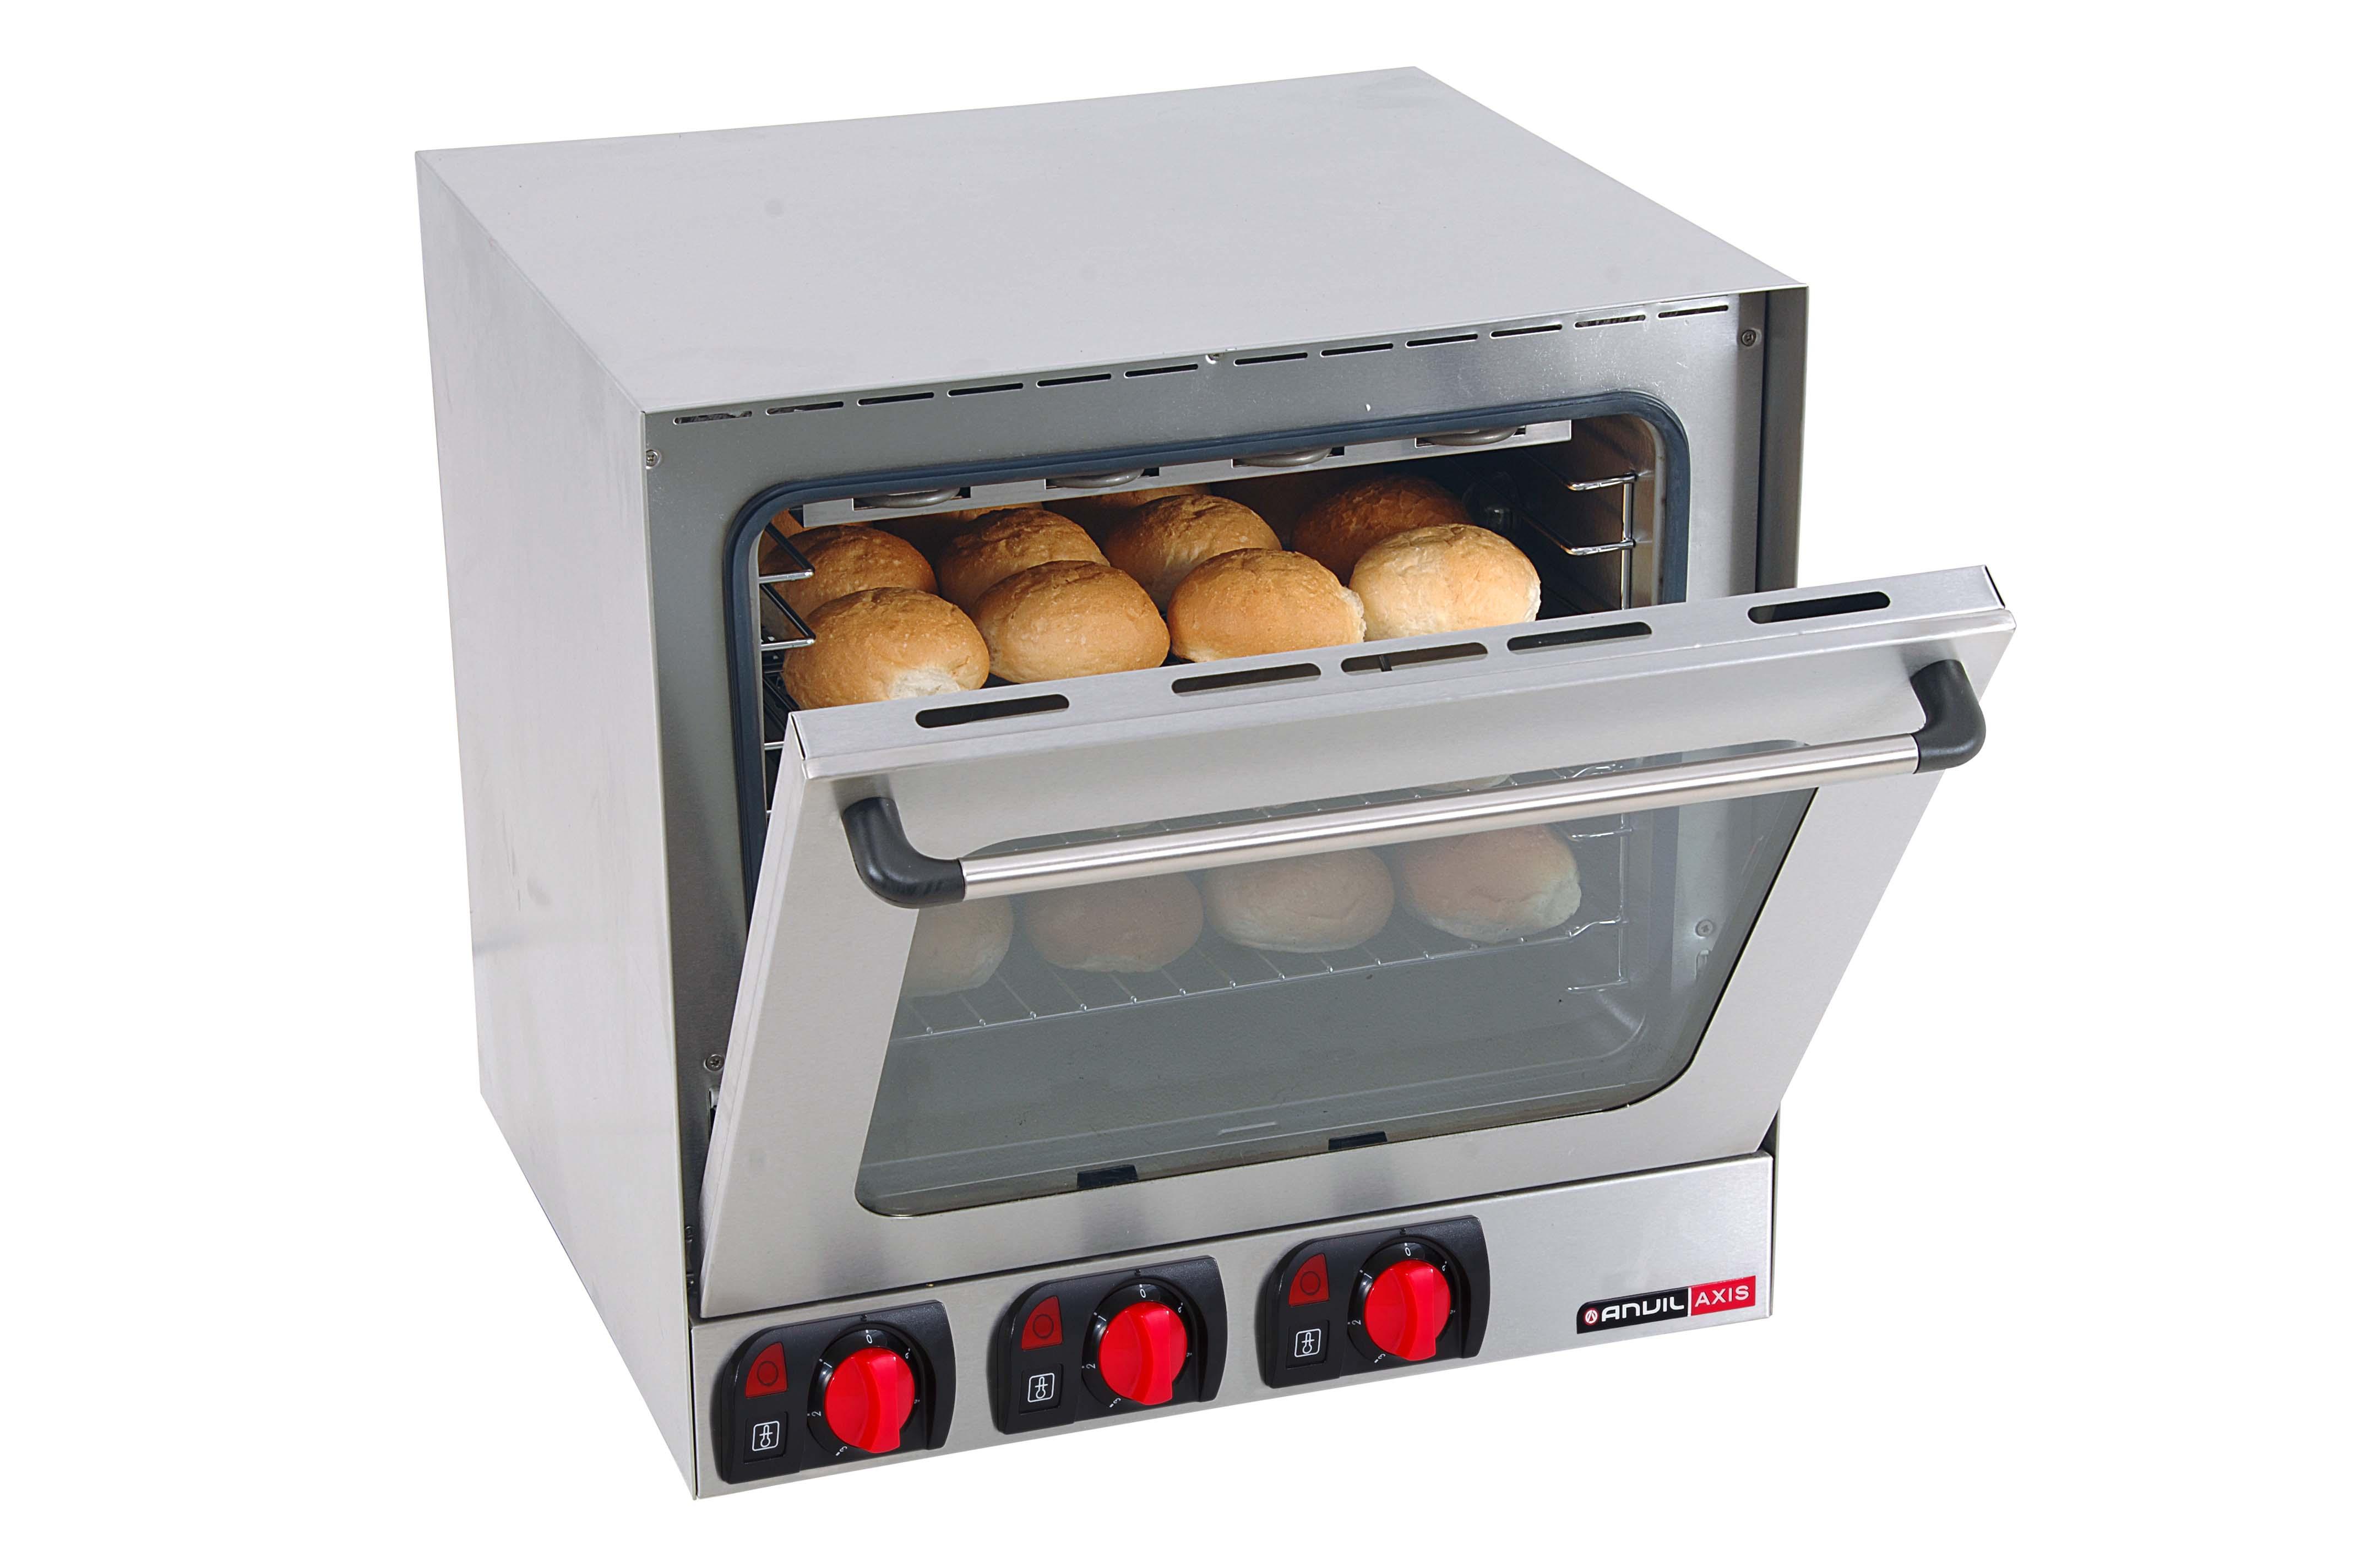 coa1004--convection-oven-anvil--prima-pro-grill-&amp-timer